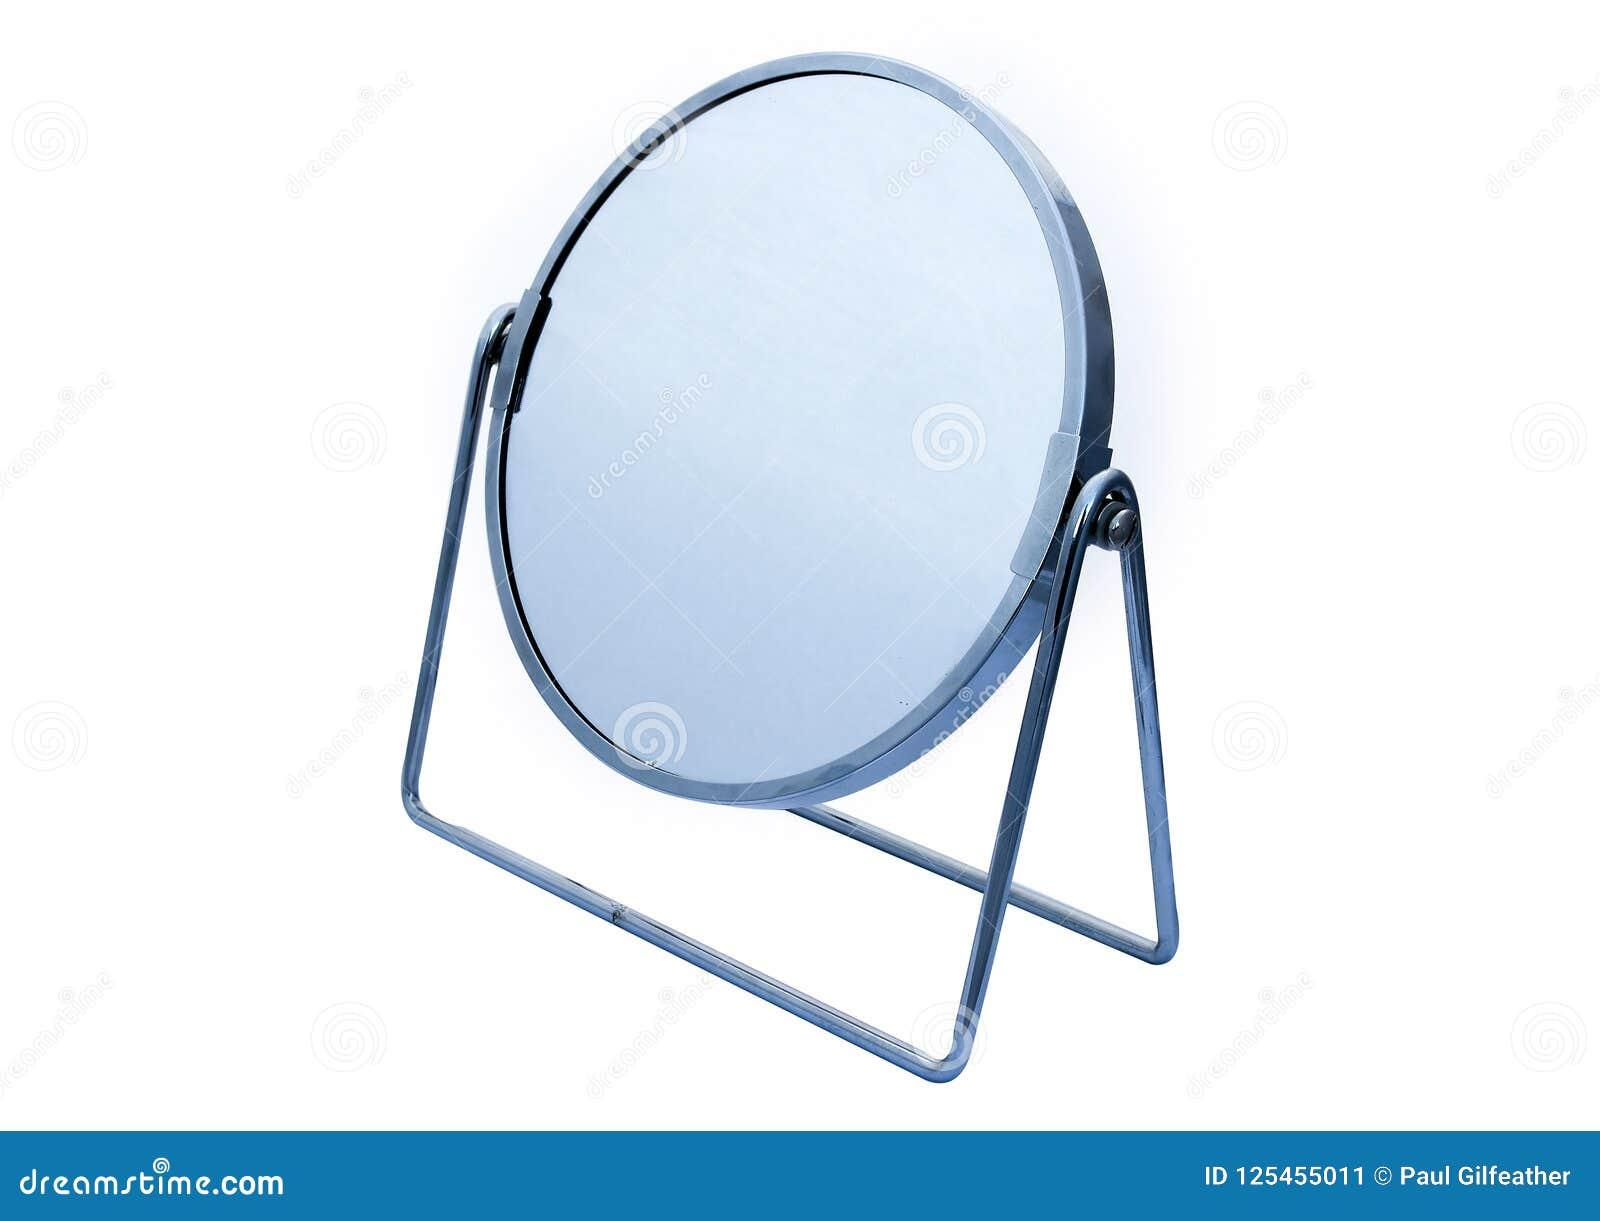 Het titelen van cirkel scharnierend chroom ontwierp ijdelheidsspiegel voor make-up of het scheren enz. op witte achtergrond